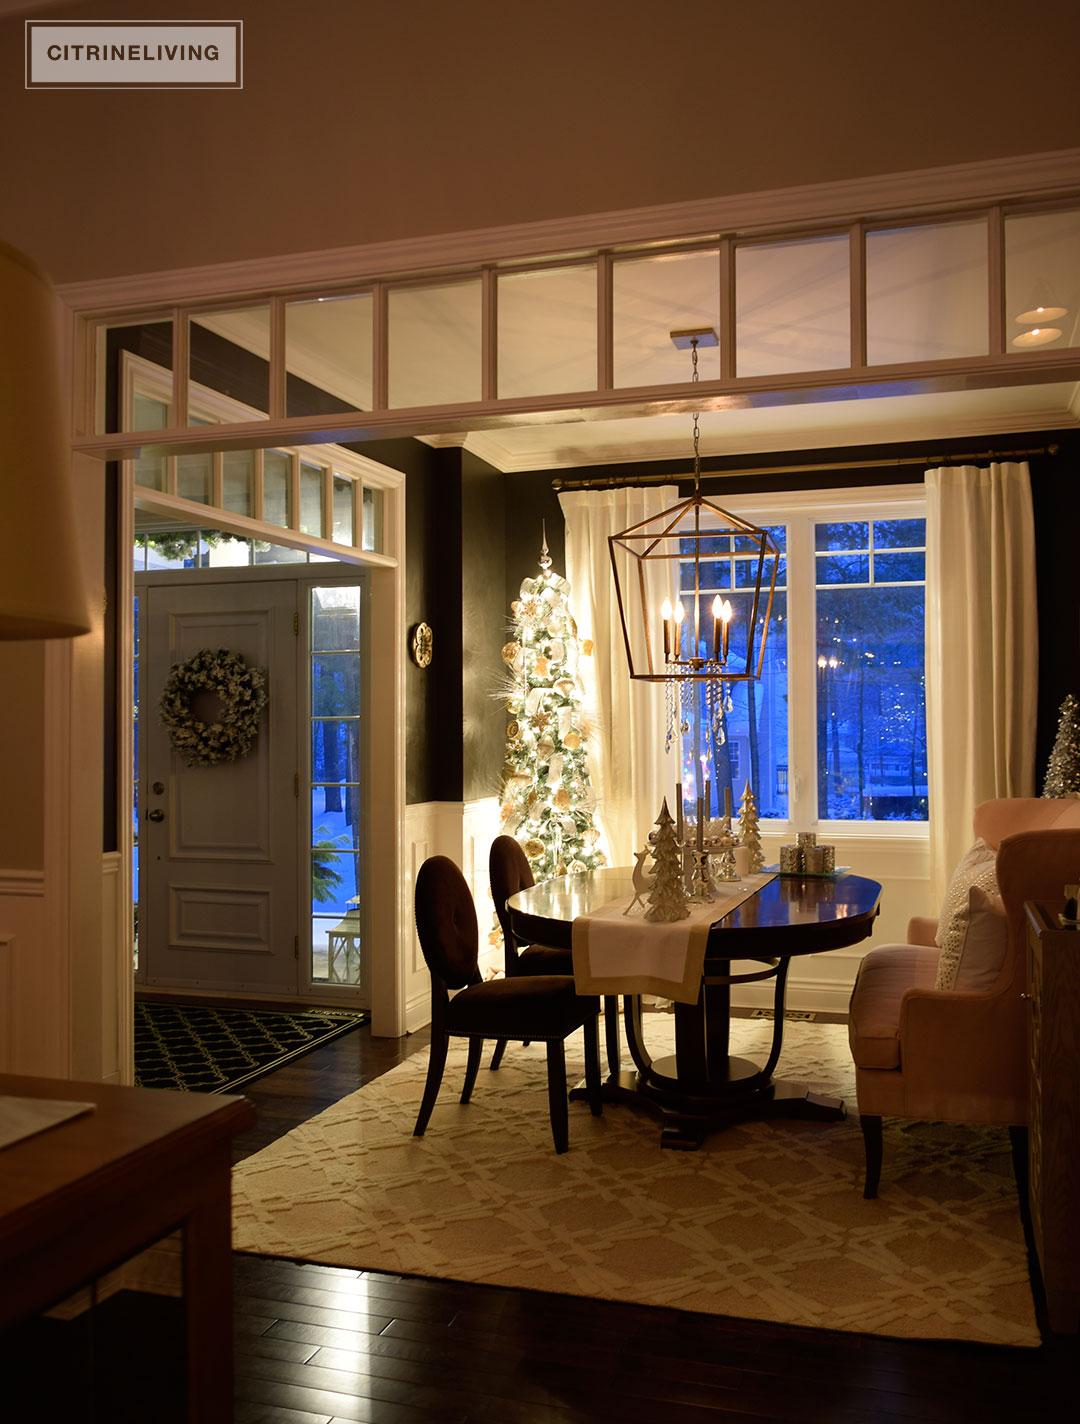 dining-room-christmas-tree-nighttime